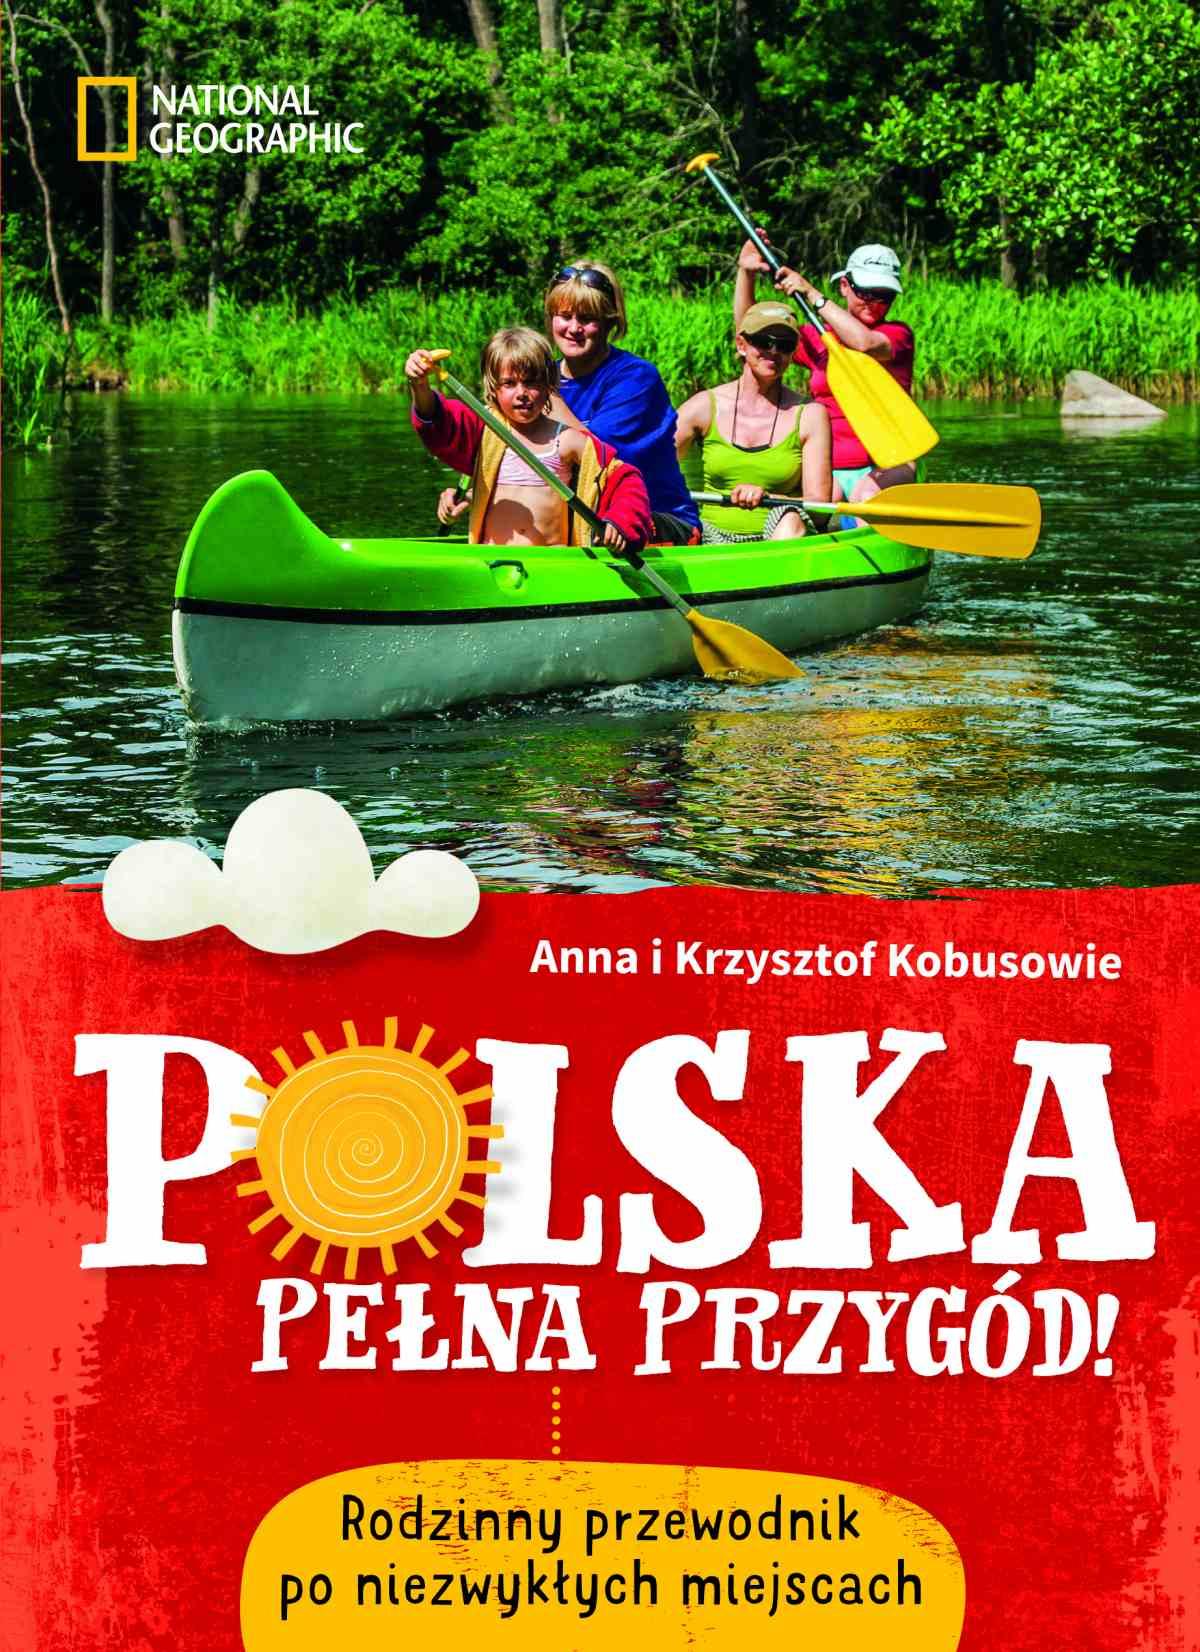 Polska pełna przygód! Rodzinny przewodnik po niezwykłych miejscach - Ebook (Książka na Kindle) do pobrania w formacie MOBI